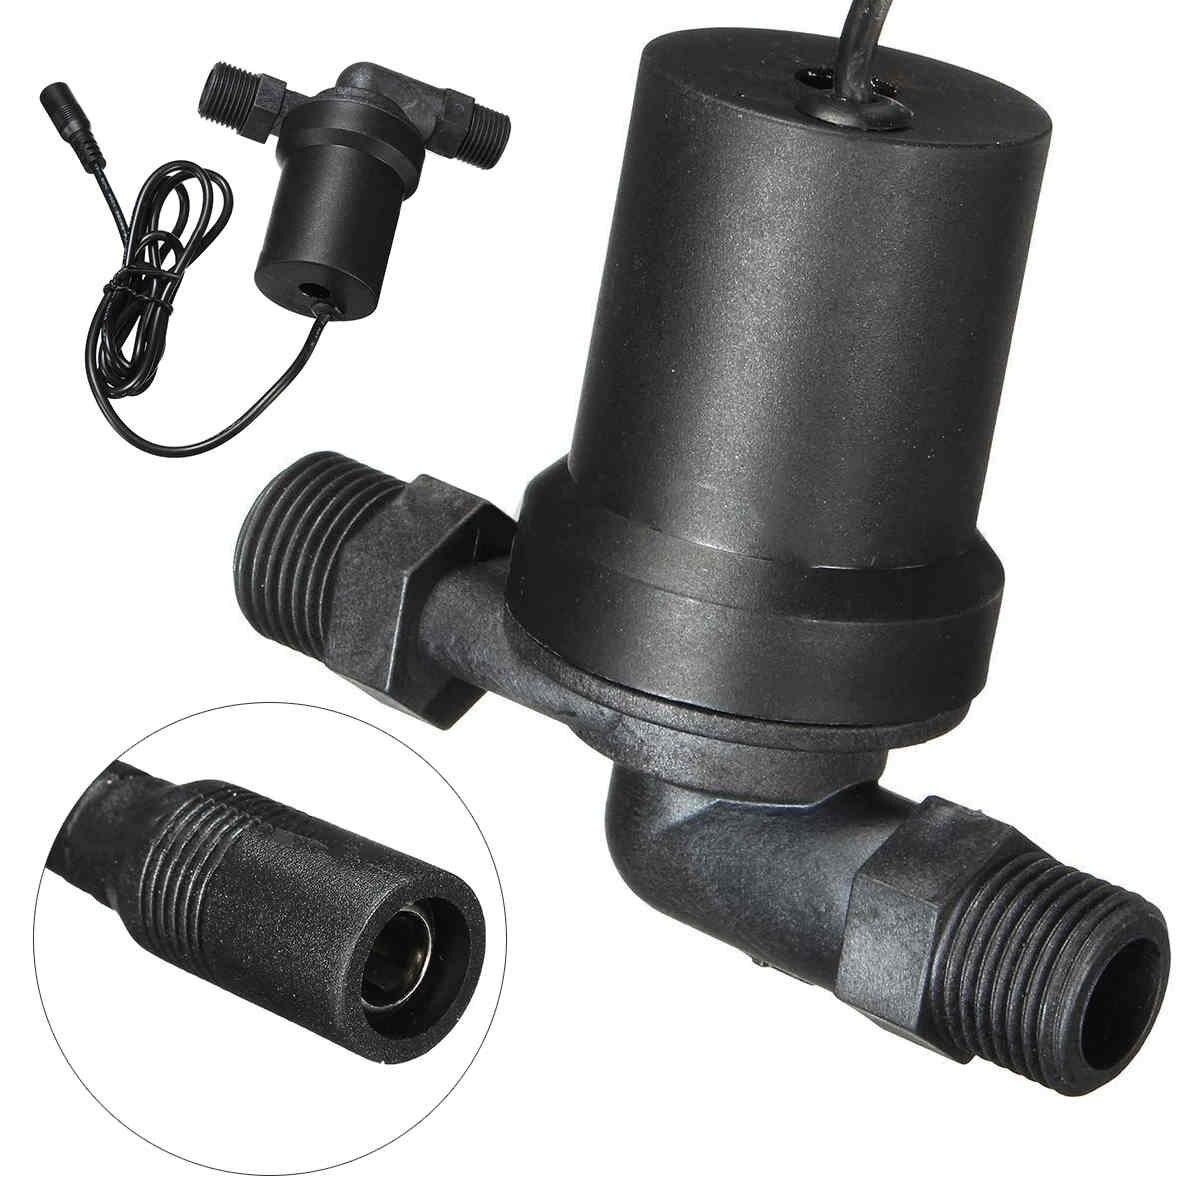 Mayitr Solaire Pompe de Circulation D'eau Chaude Brushless Moteur 1/2 inch Fil 650L/H Pompe à Eau Sans Balais 12 v DC Nouvelle